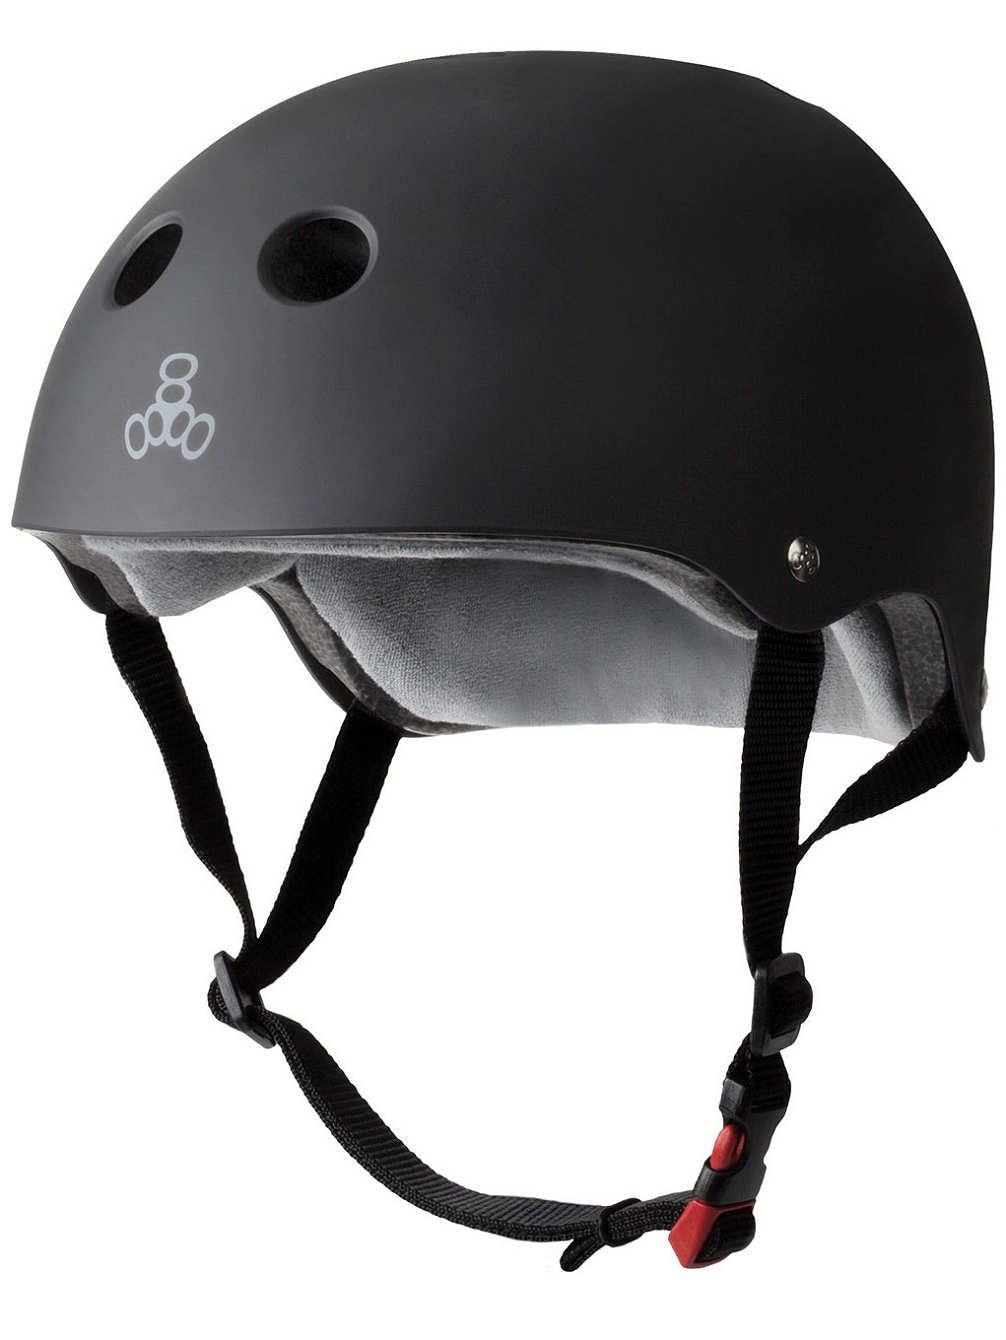 Triple 8 Skate Helmet Women The Certified Sweatsaver Helmet